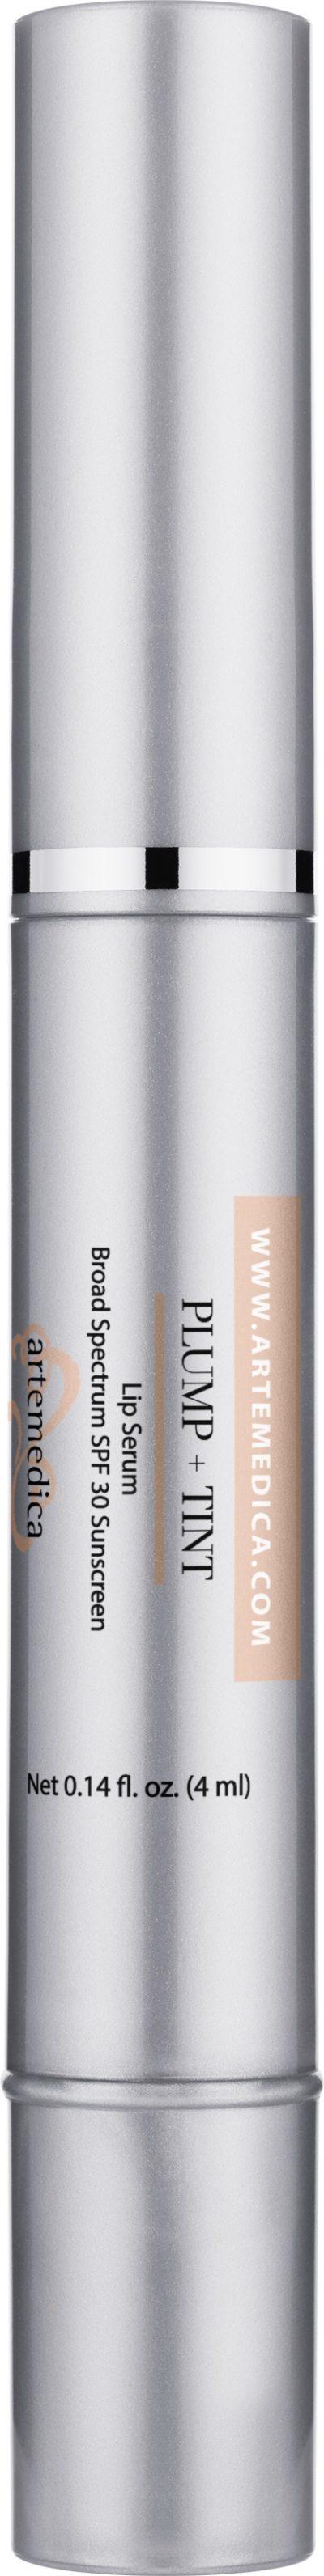 lip-plumping-serum-tinting